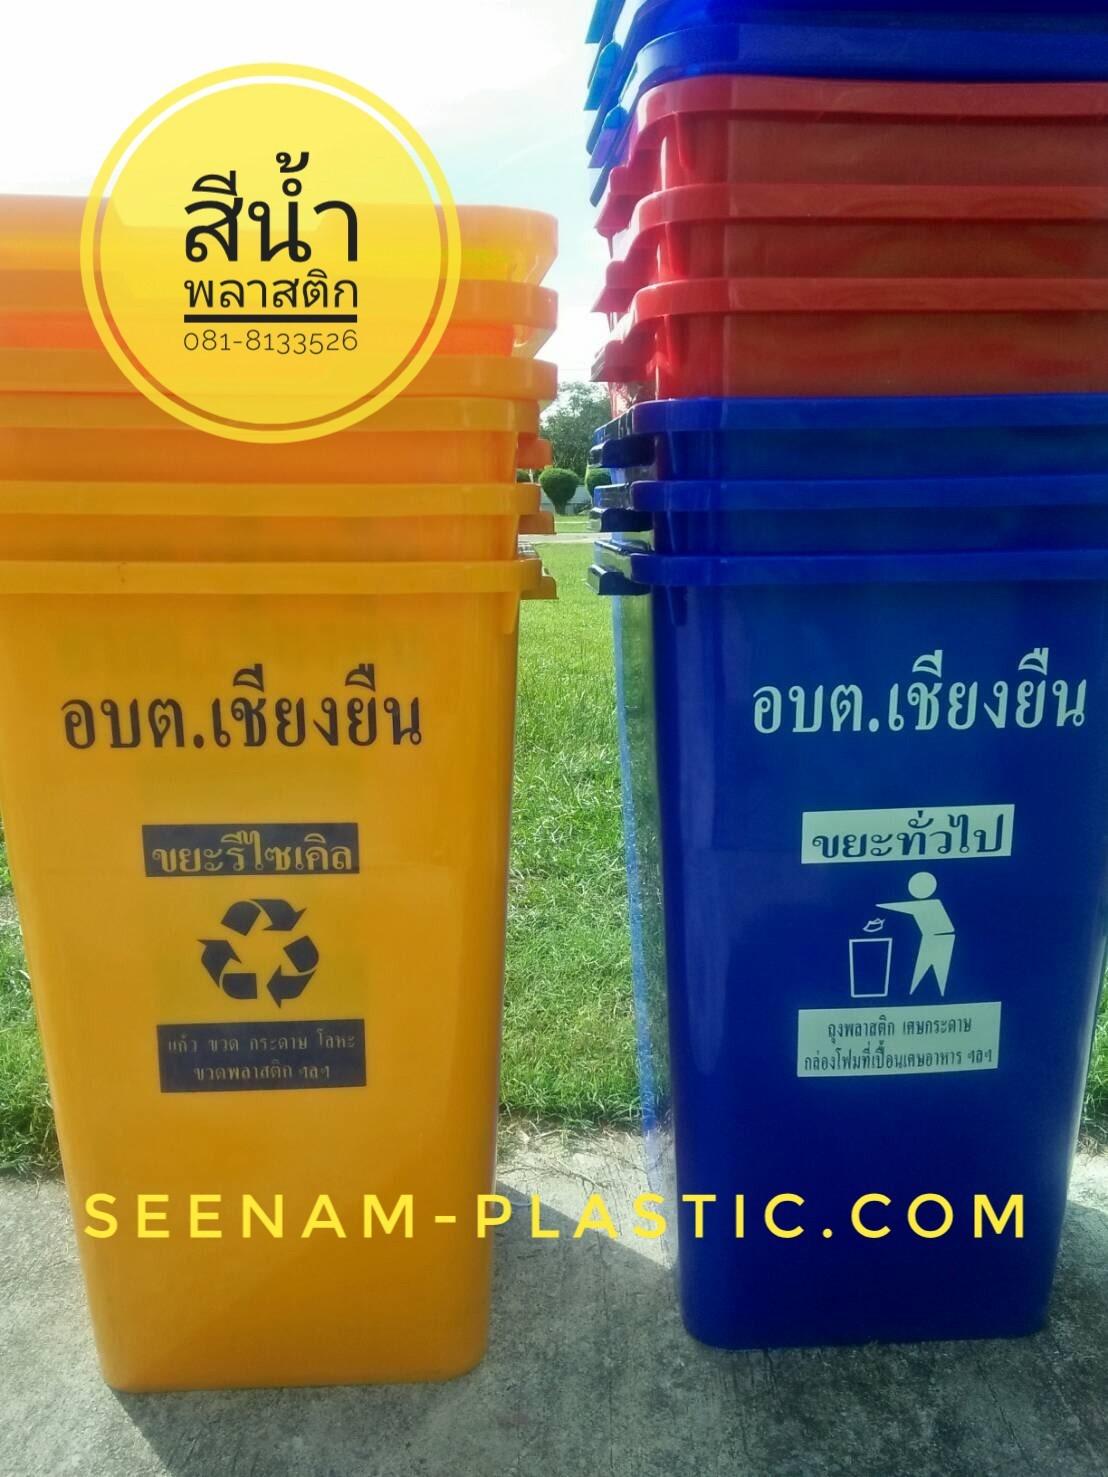 ถังขยะ240ลิตร ถังขยะ120ลิตร ถังขยะพลาสติก ถังขยะเทศบาล ถังขยะกทม ขายส่งถังขยะพลาสติก